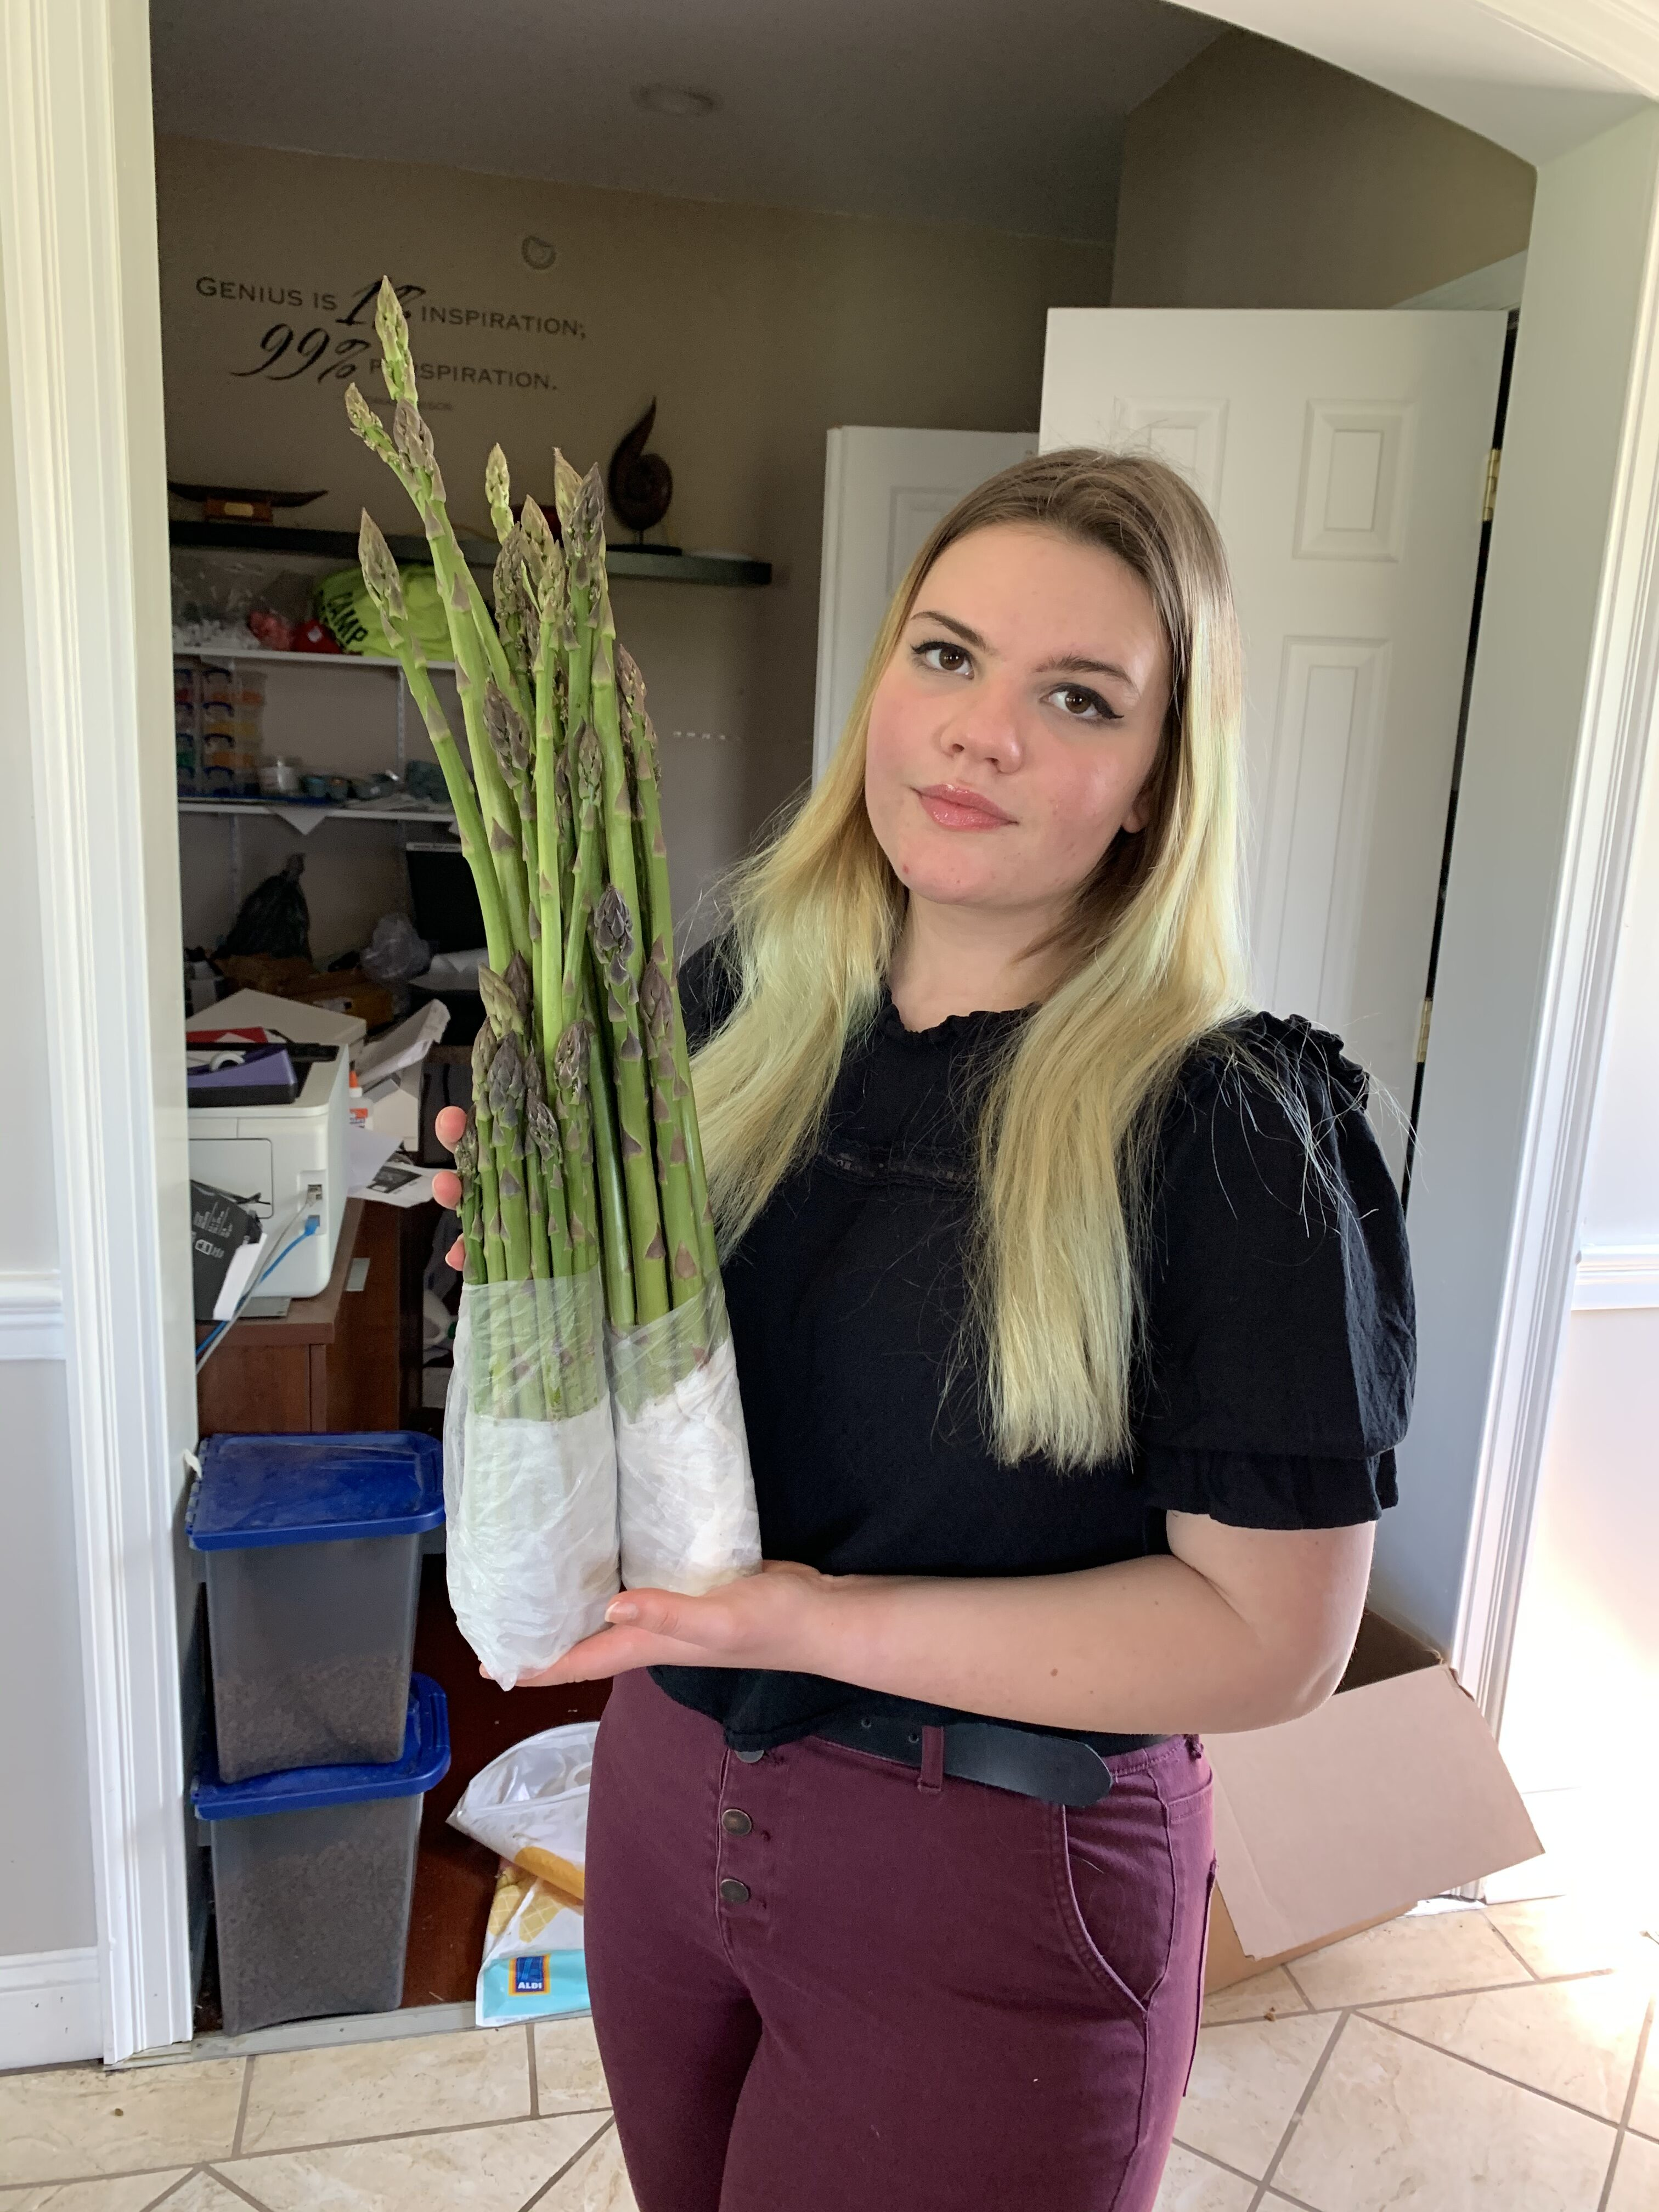 DF9C335F 04E6 48B3 806E 877A09BC08FE How to double or triple your asparagus yield